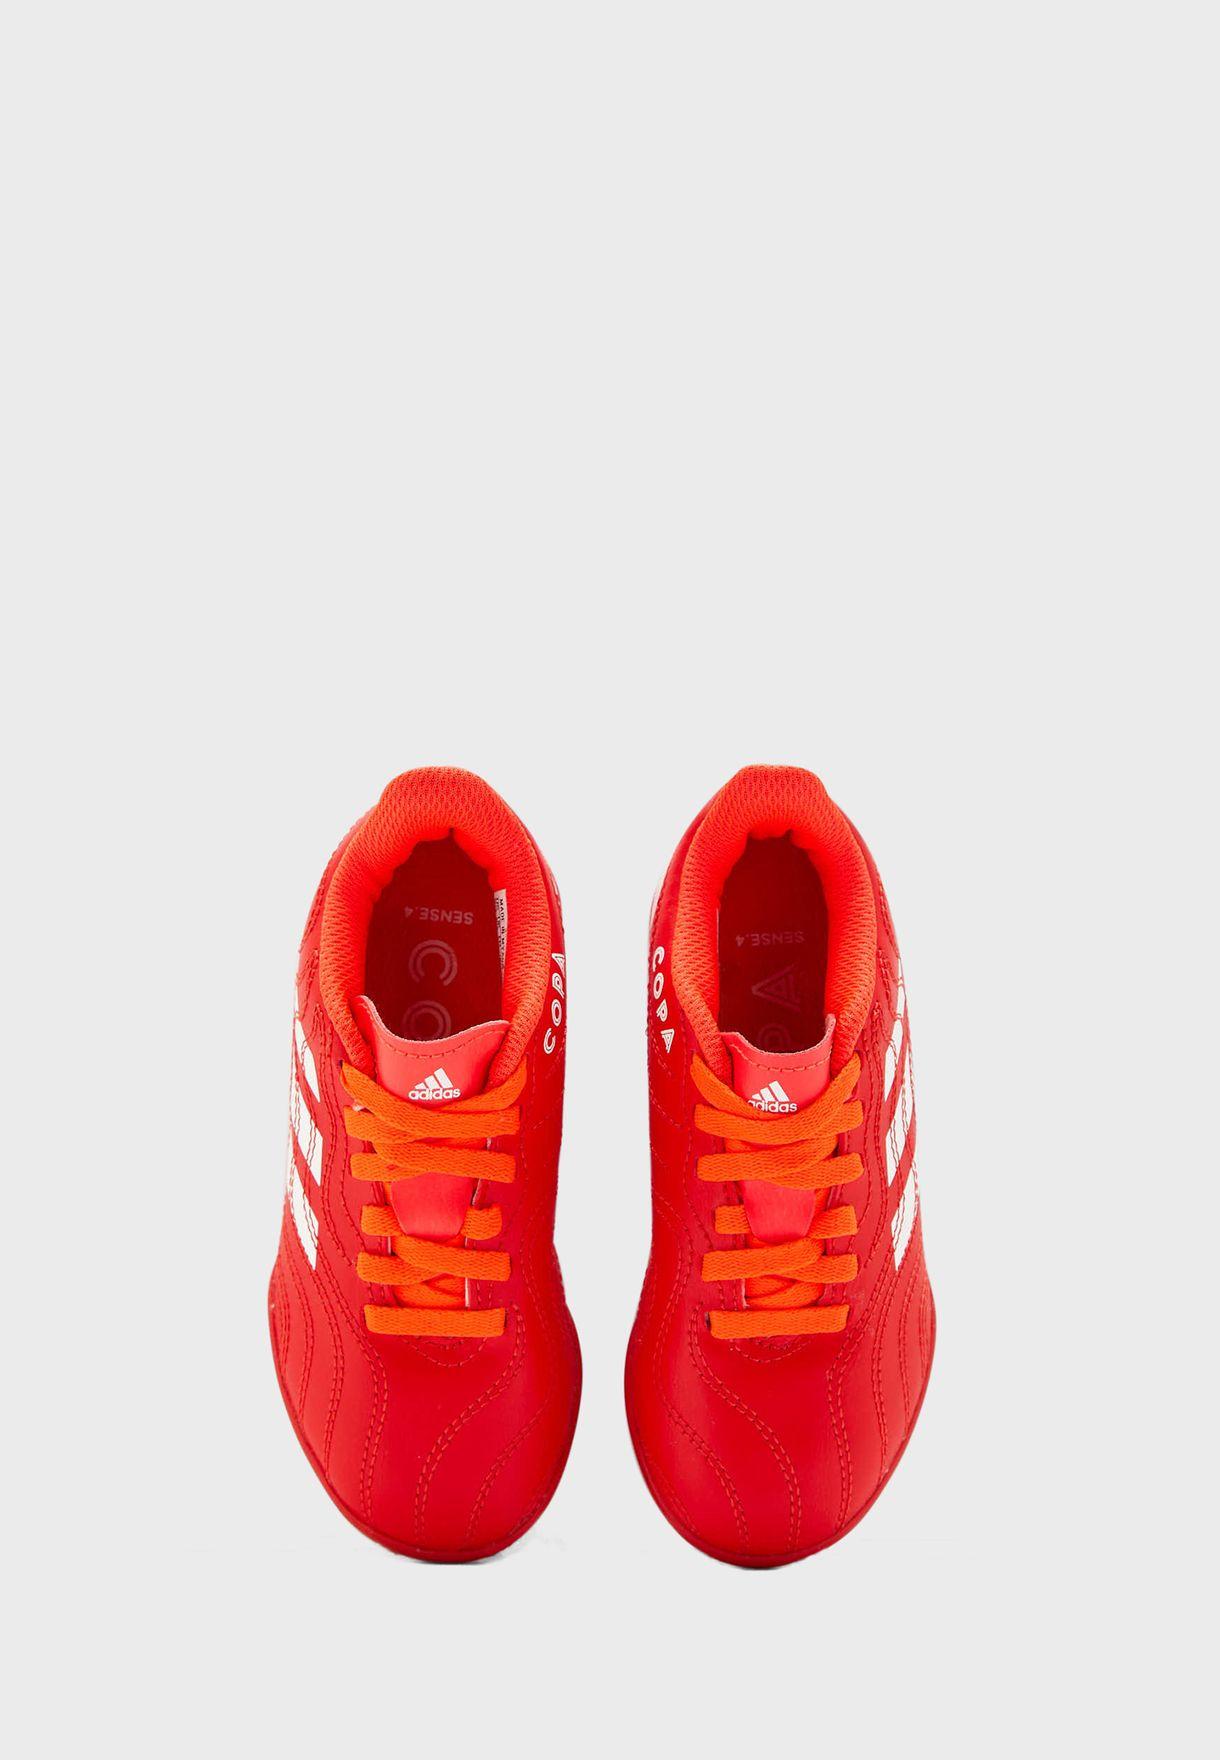 حذاء سينس 4 تيرف